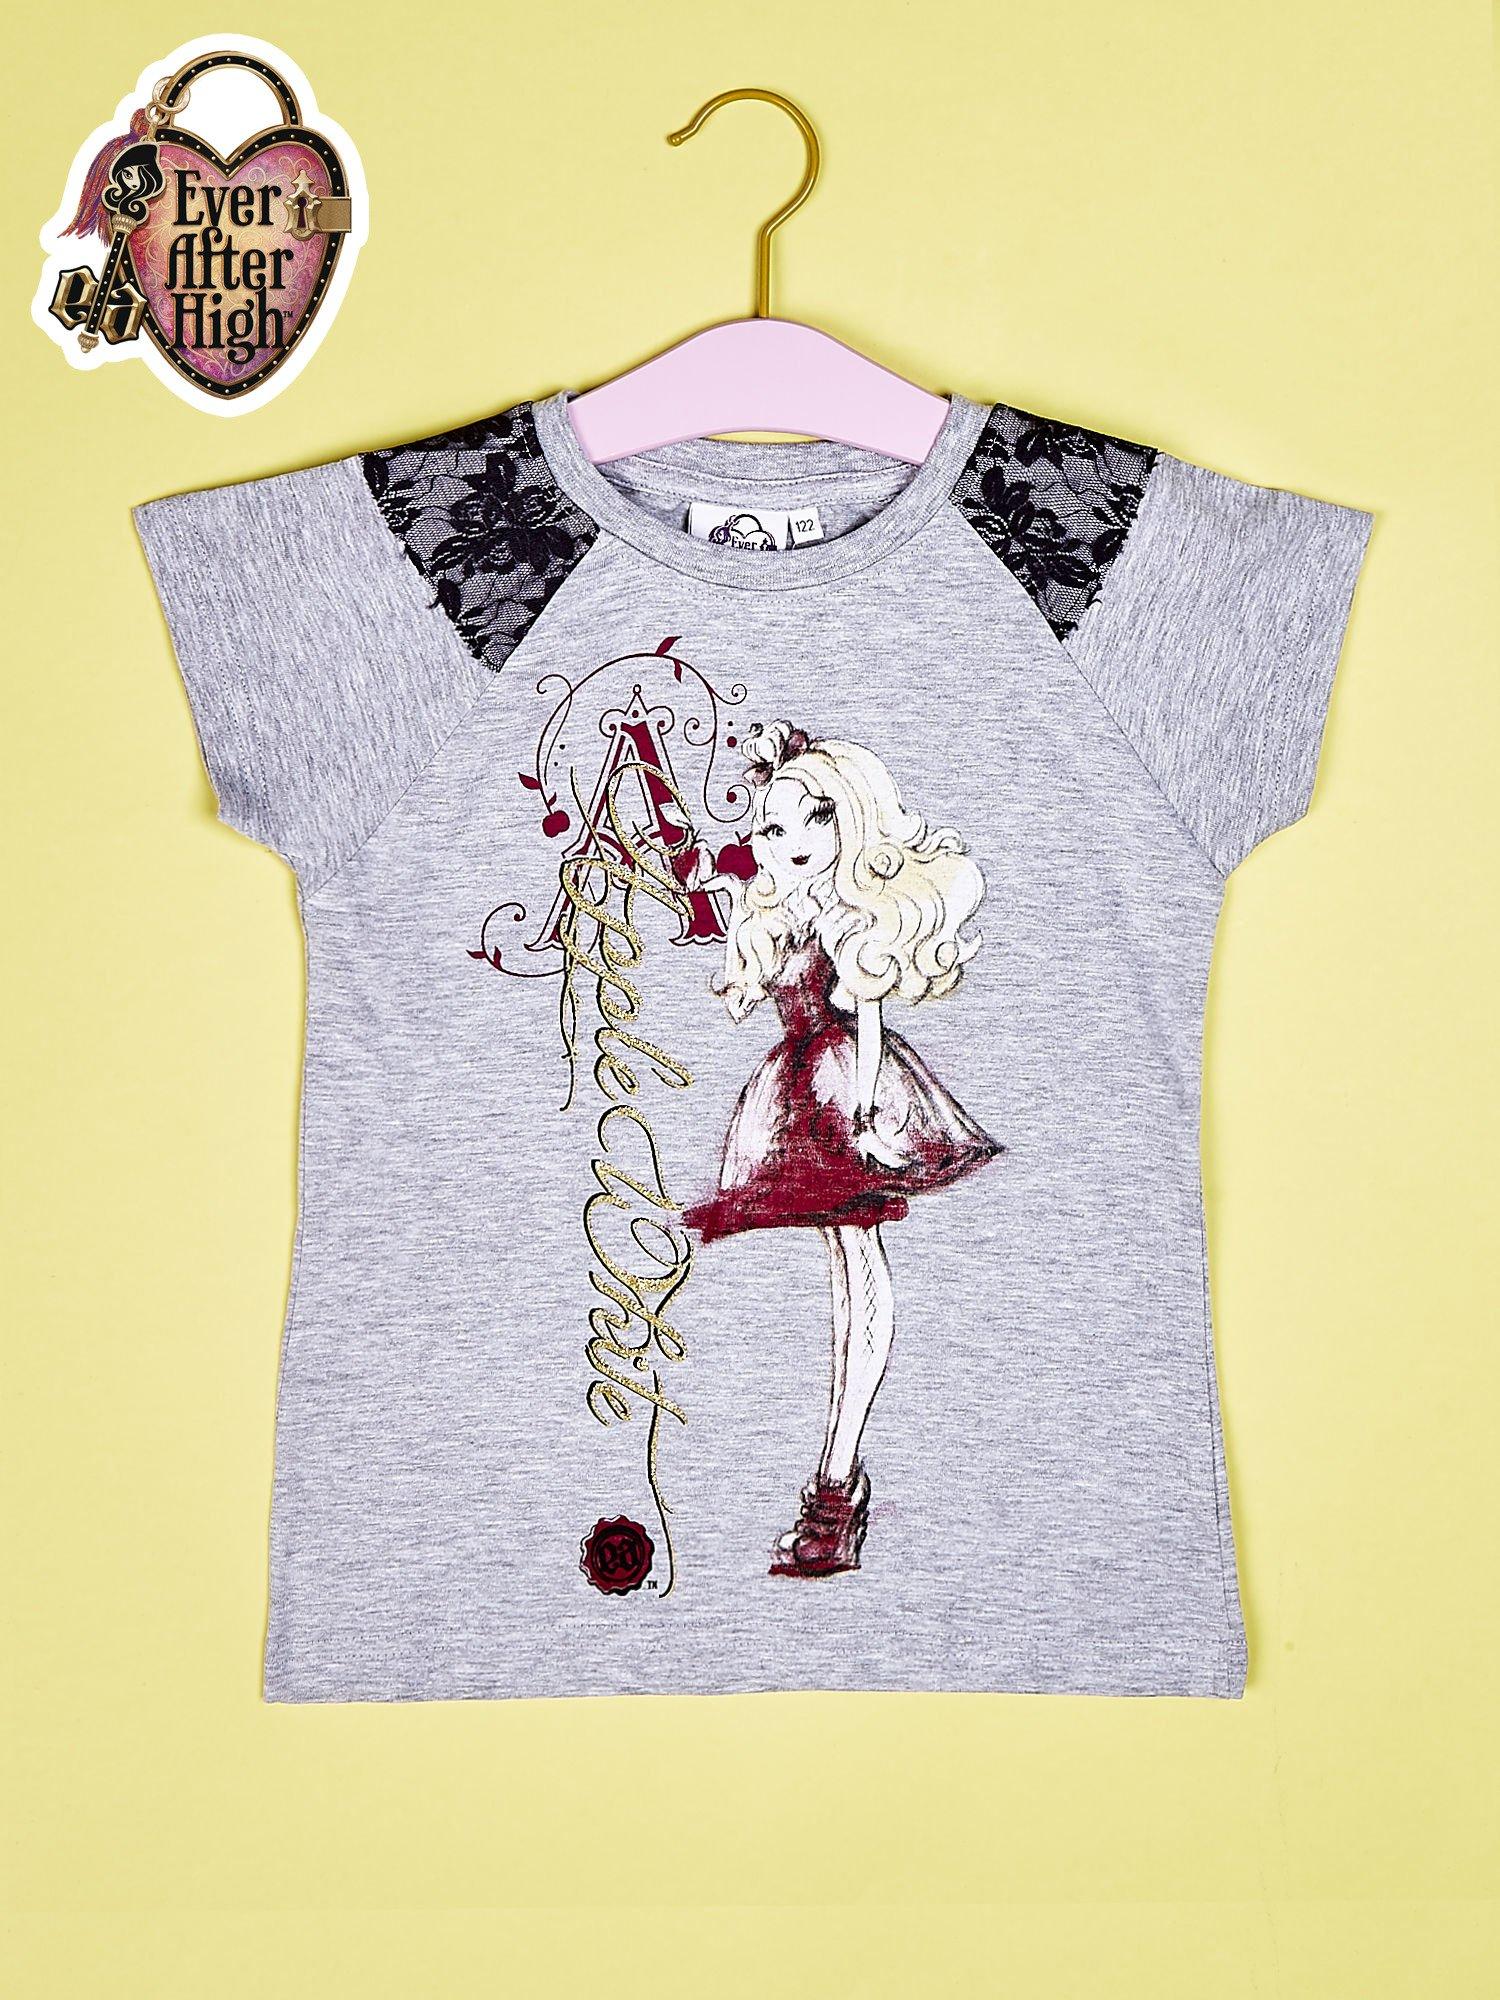 Szary t-shirt z koronką dla dziewczynki EVER AFTER HIGH                                  zdj.                                  1